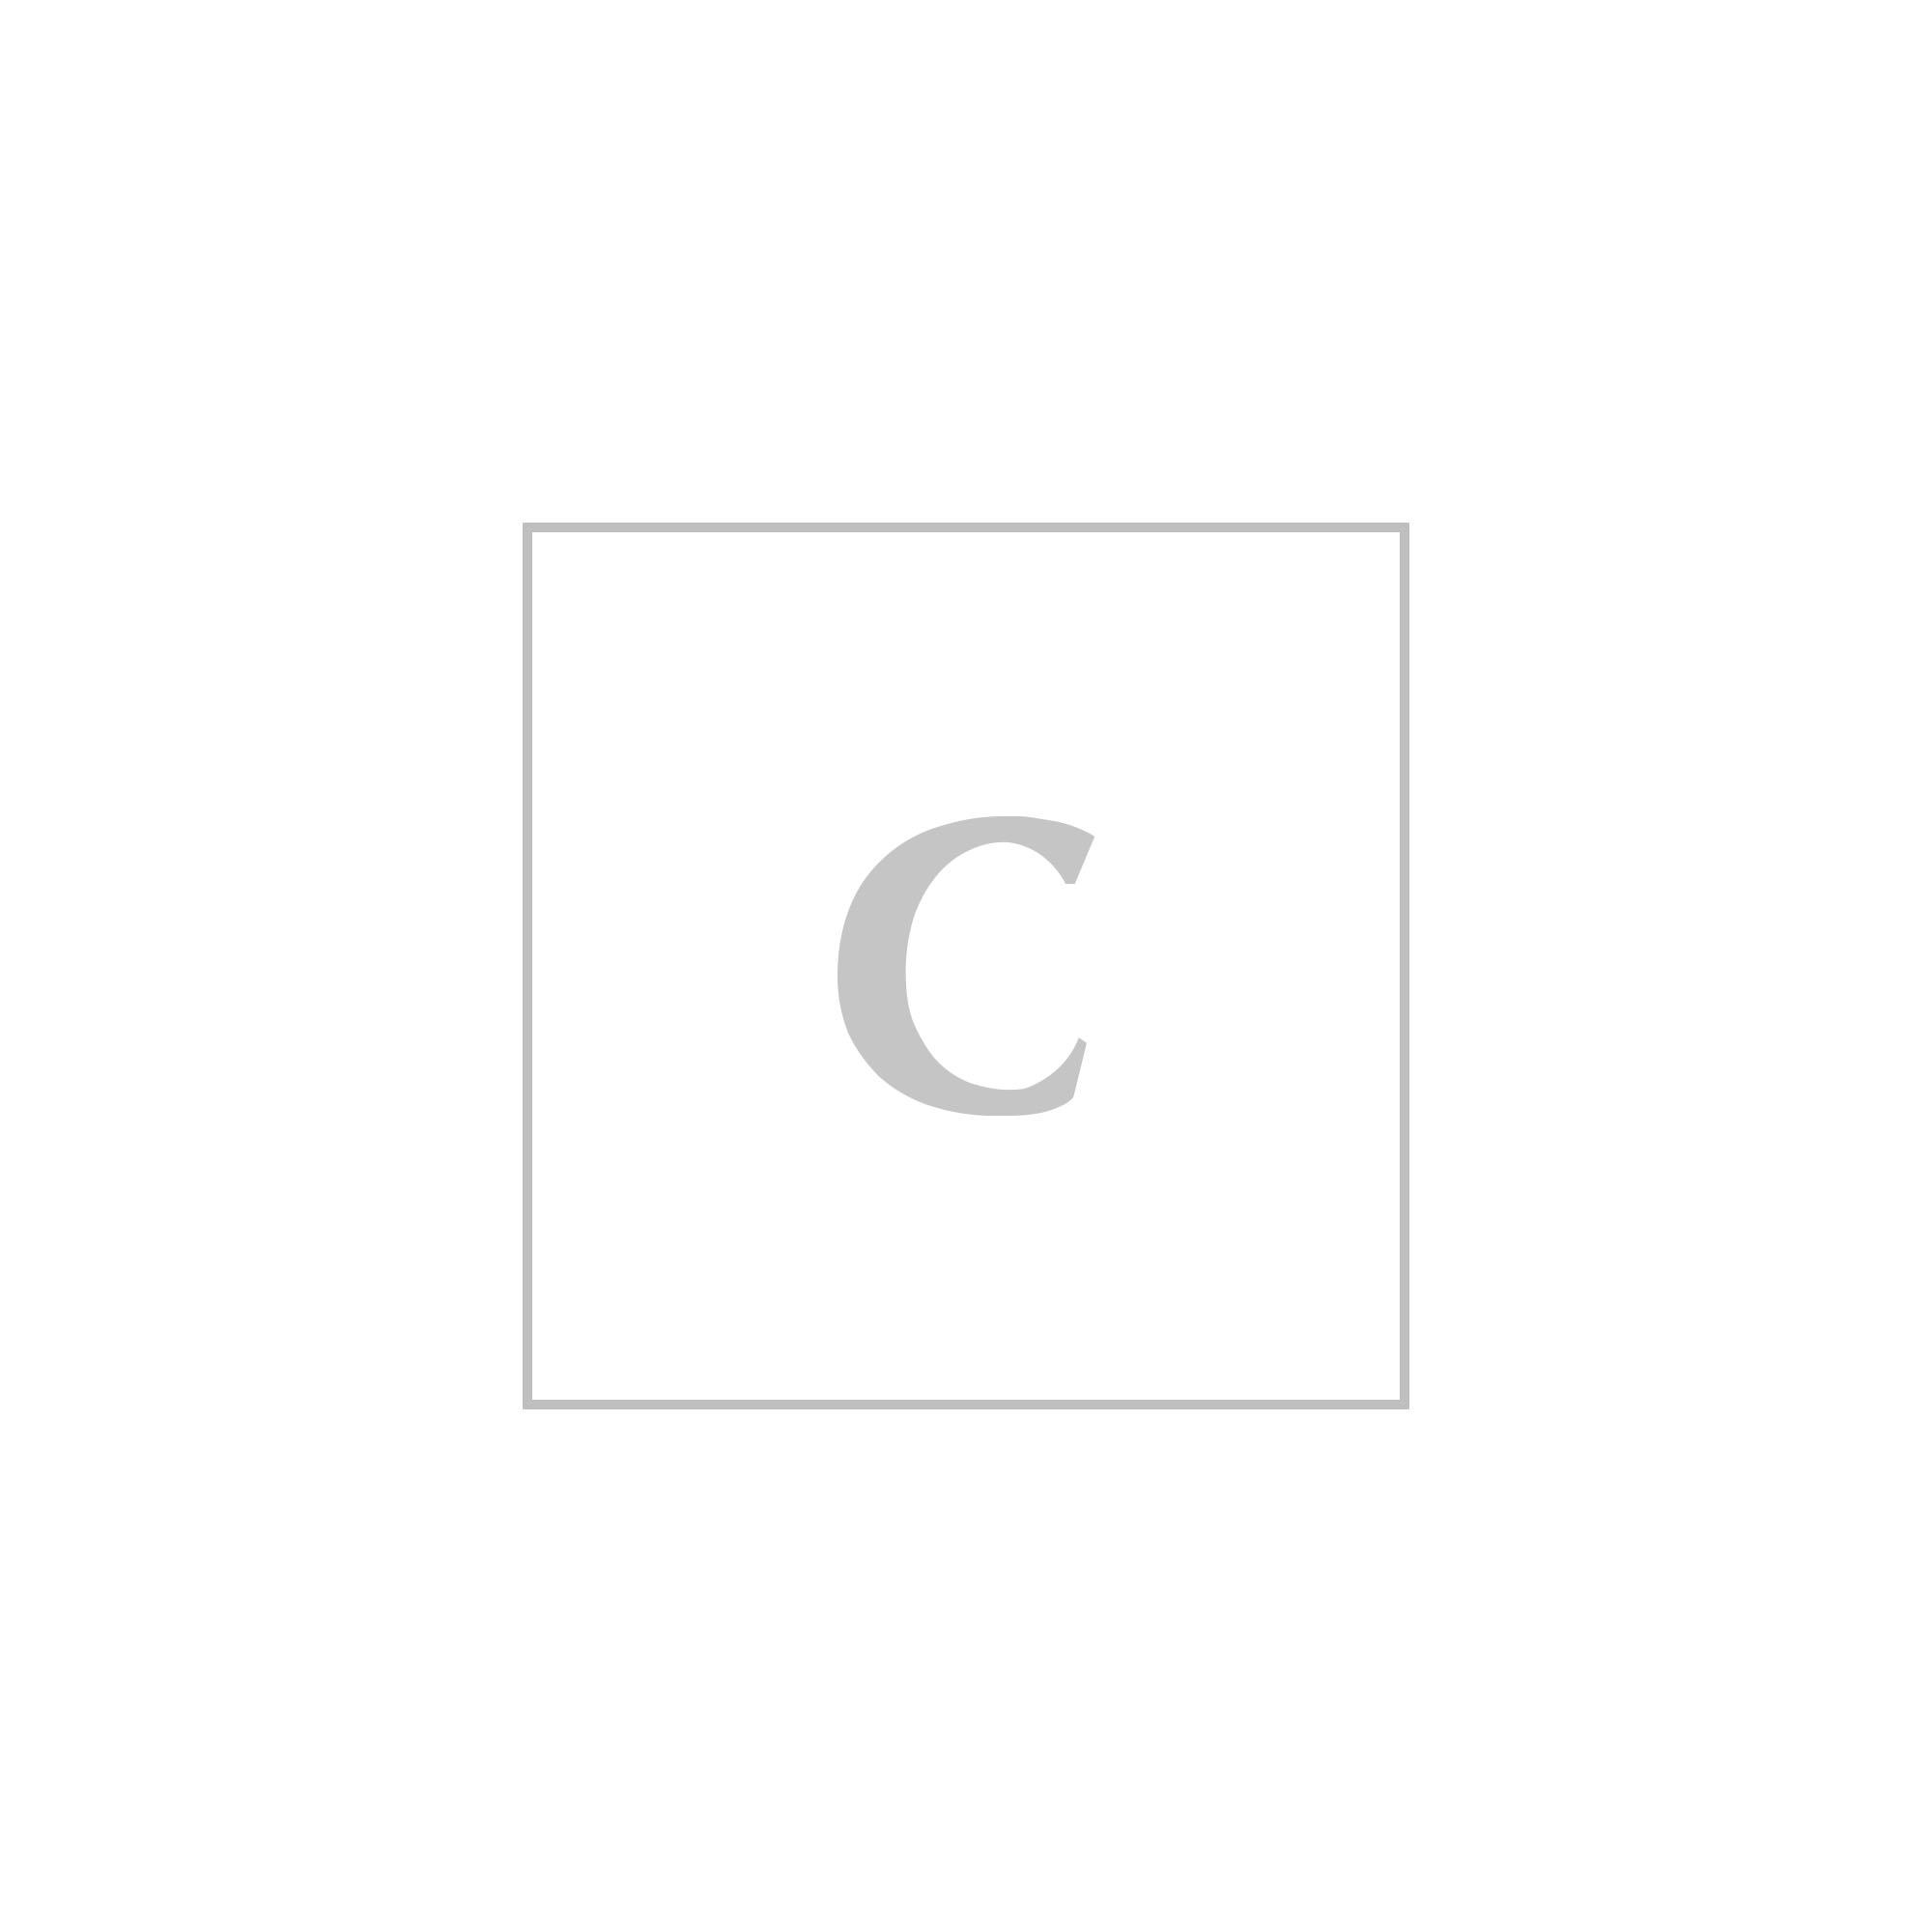 Salvatore ferragamo scarpa 2e nesio 028356 001 mvit antico calf s.1